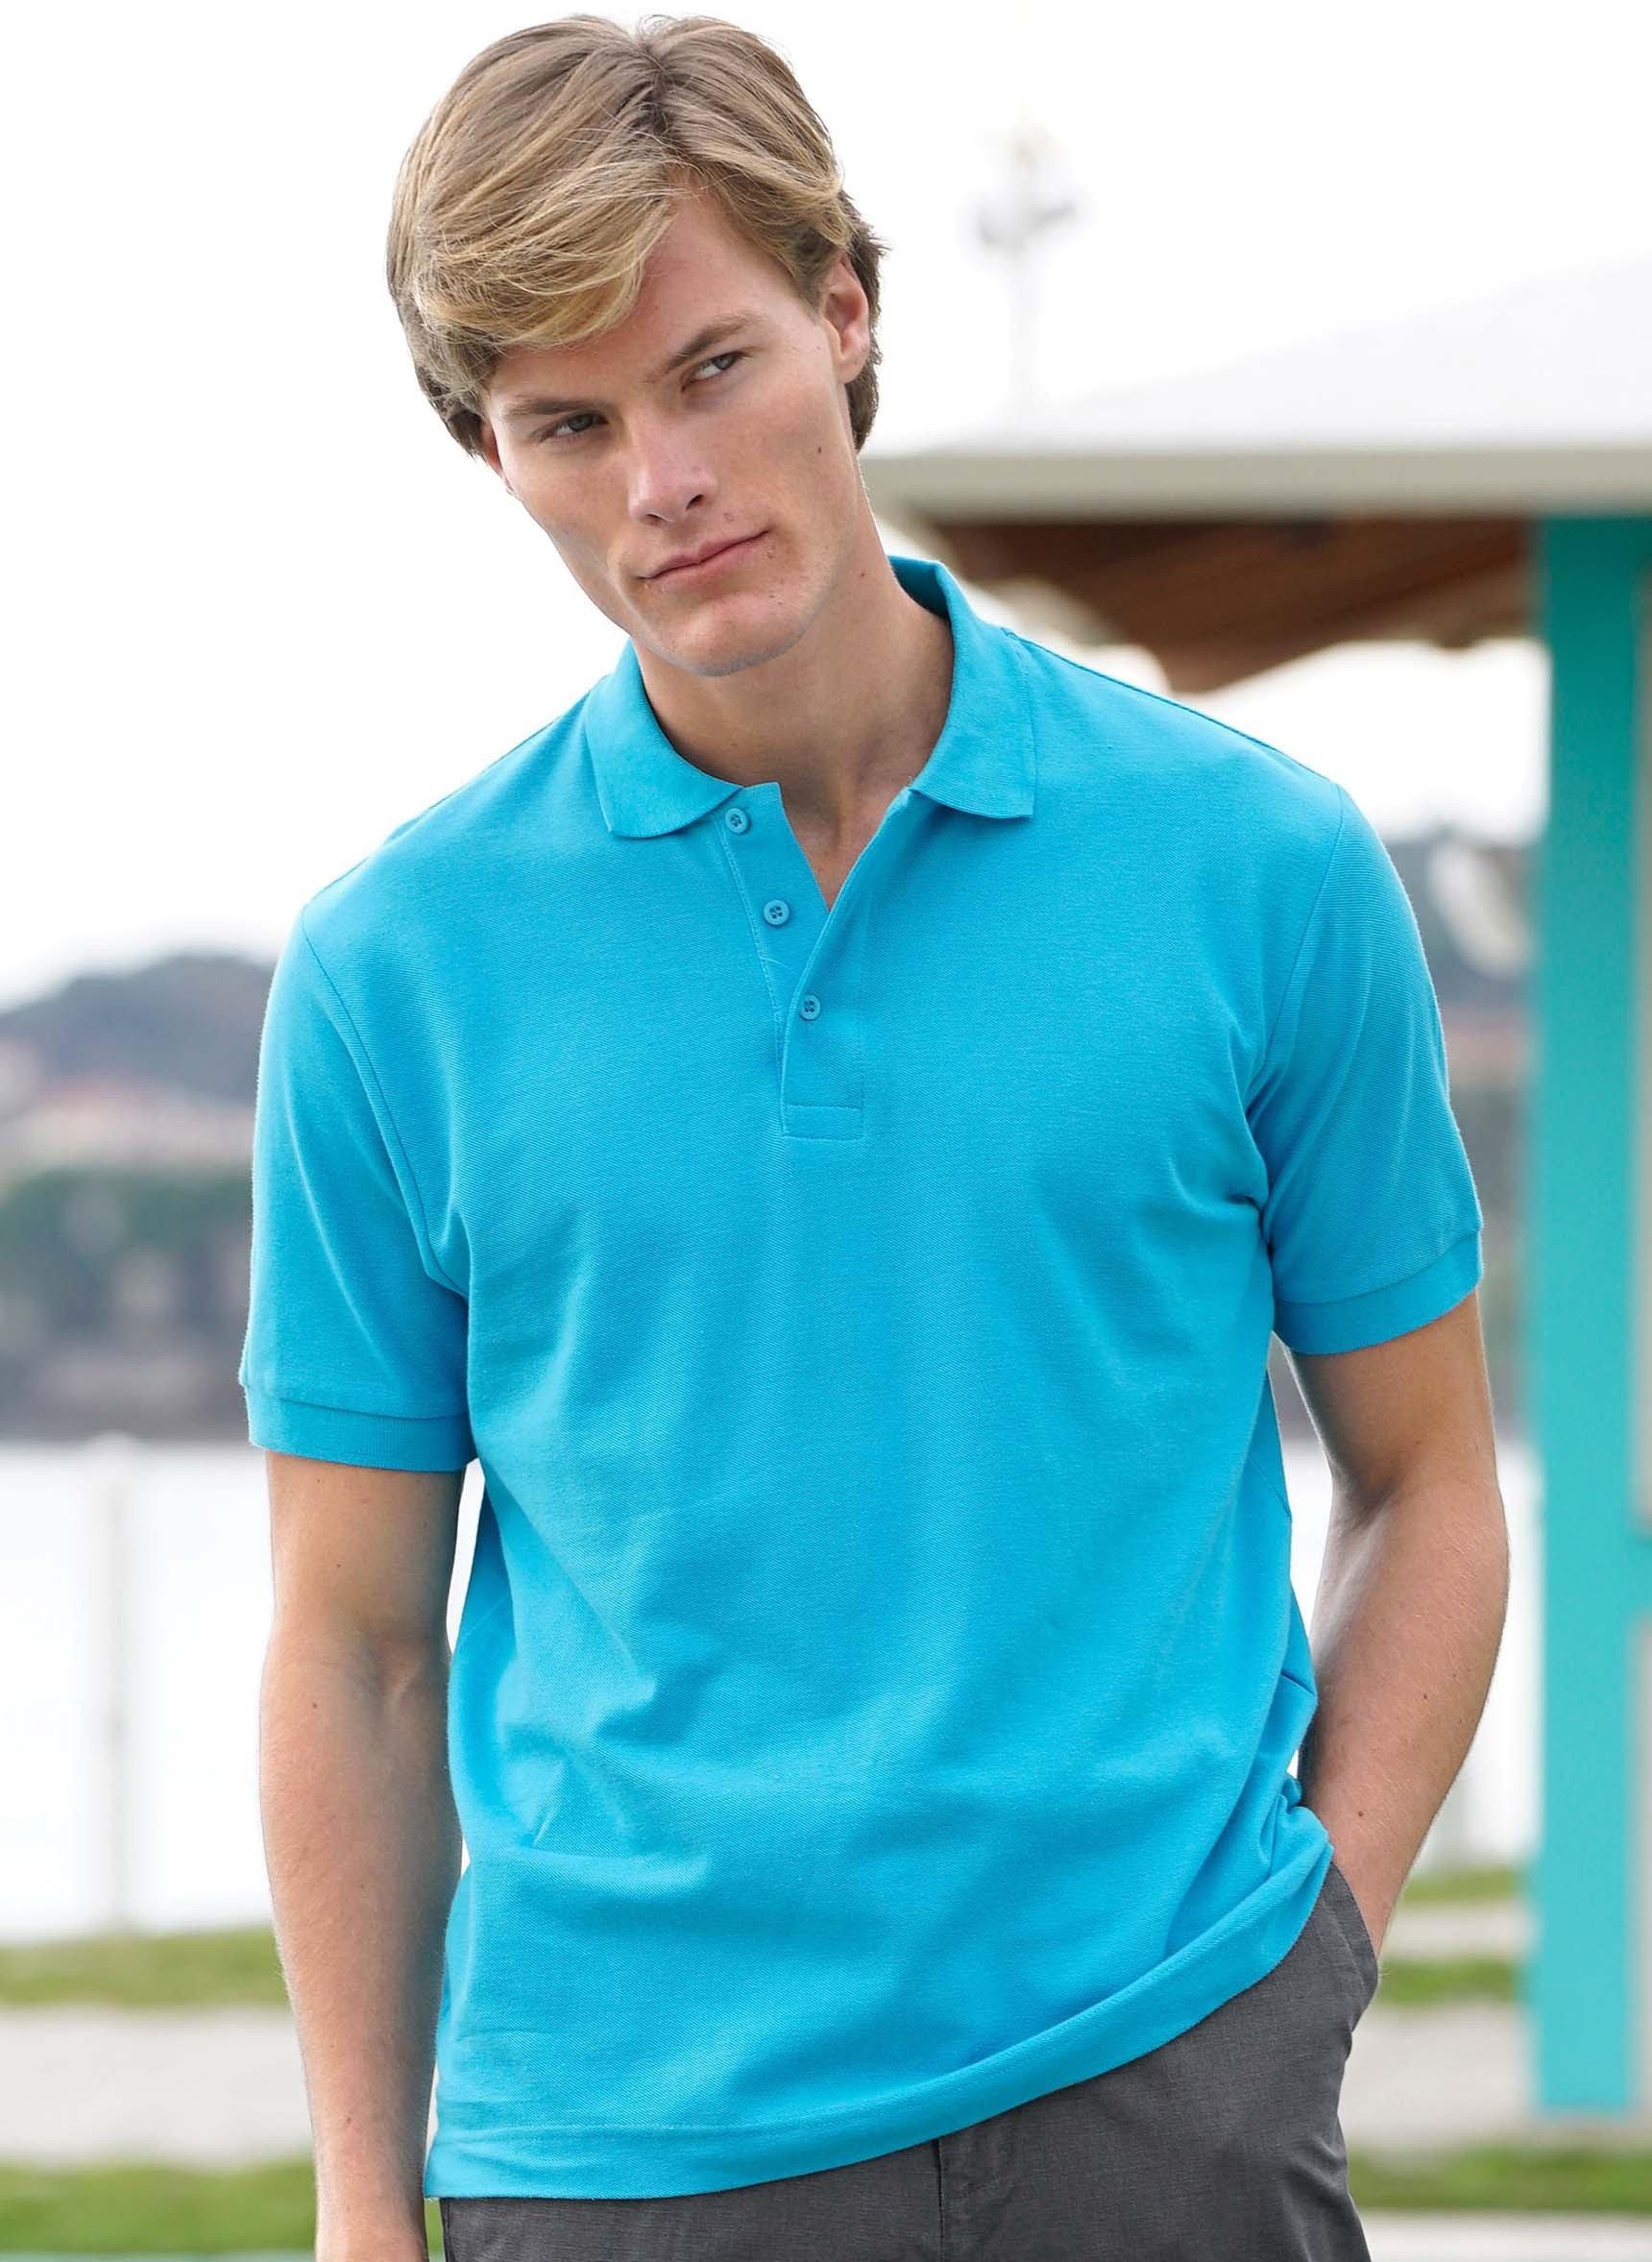 Polo-Piqué-Shirt, Seitenschlitze